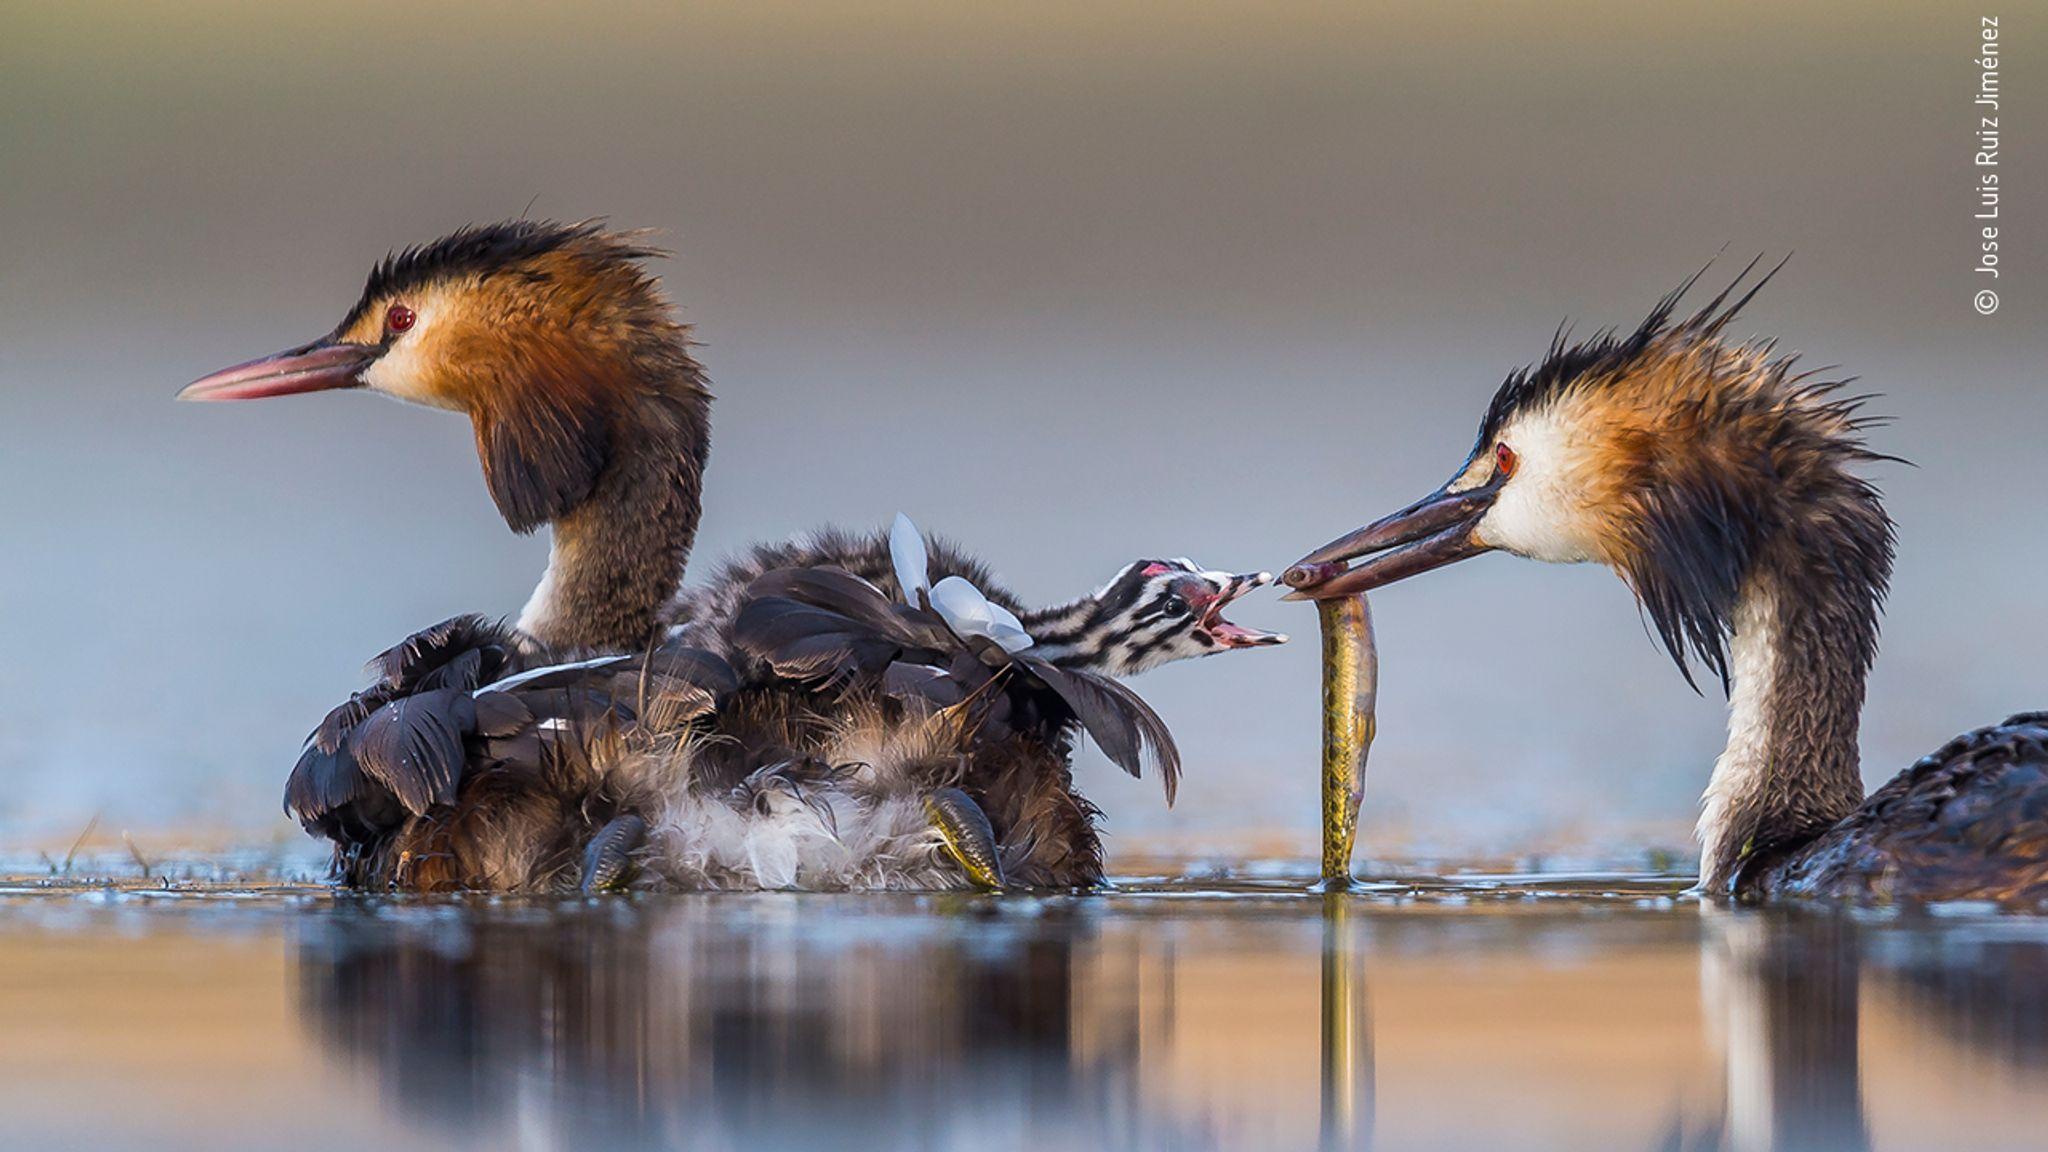 © Jose Luis Ruiz Jiménez/ Wildlife Photographer Of The Year 2020